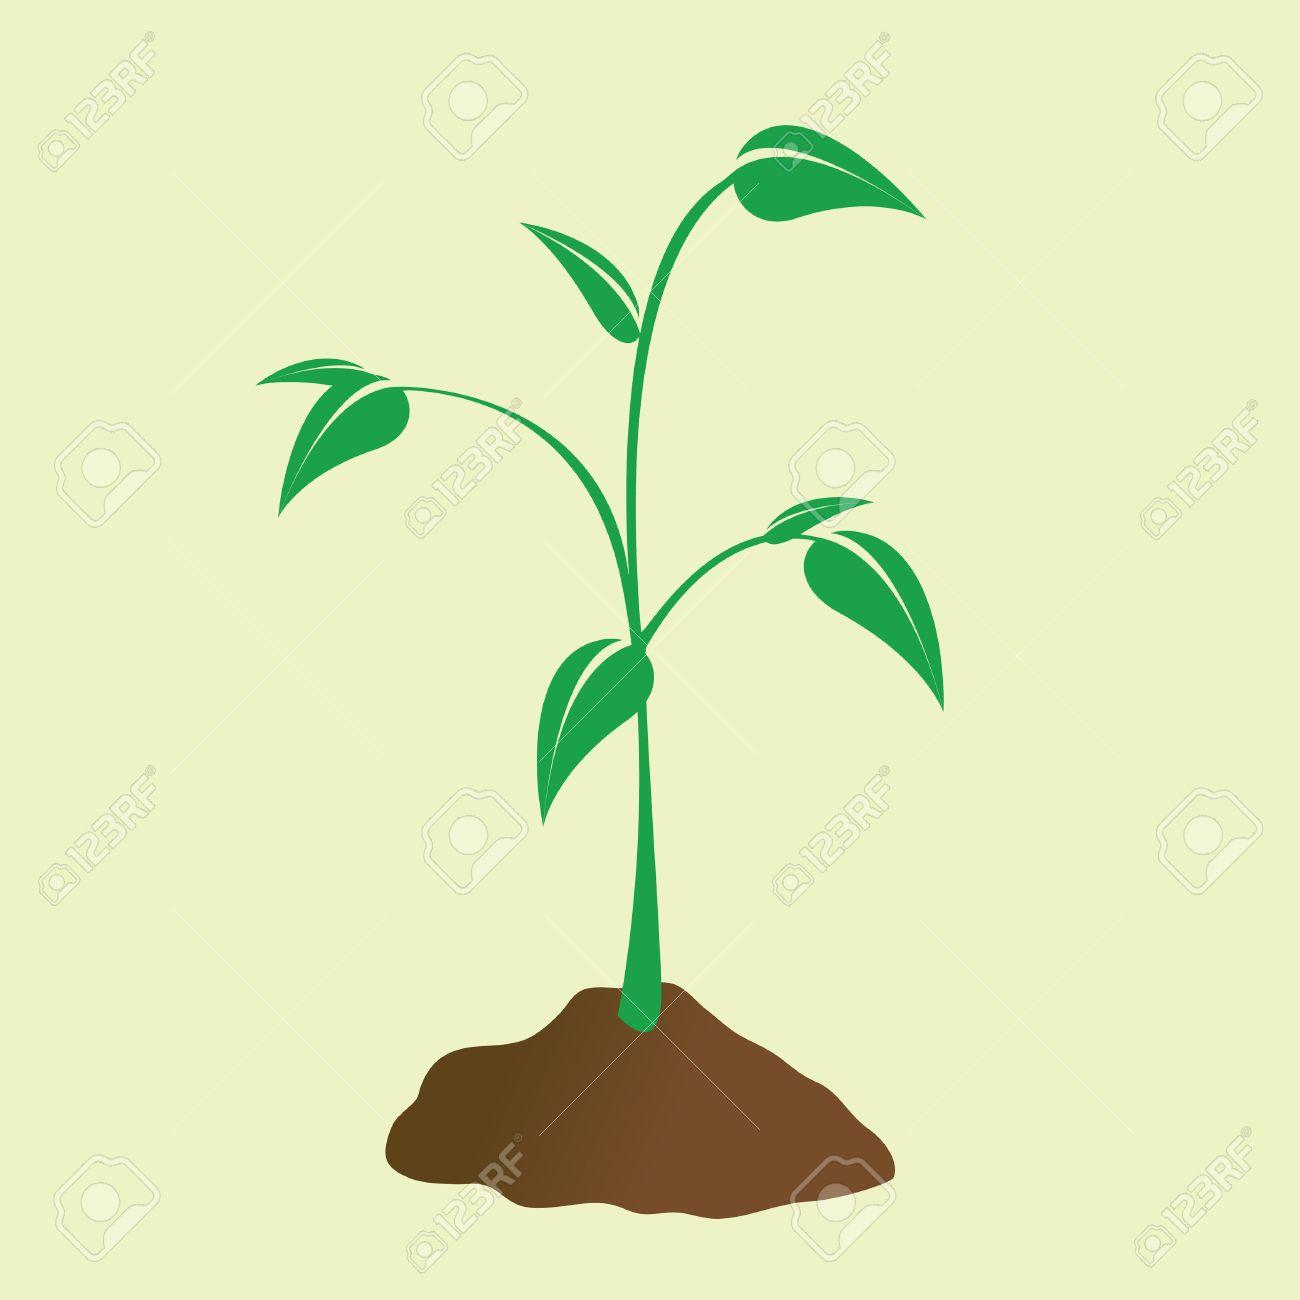 若い植物などの汚れから発芽しますのイラスト素材ベクタ Image